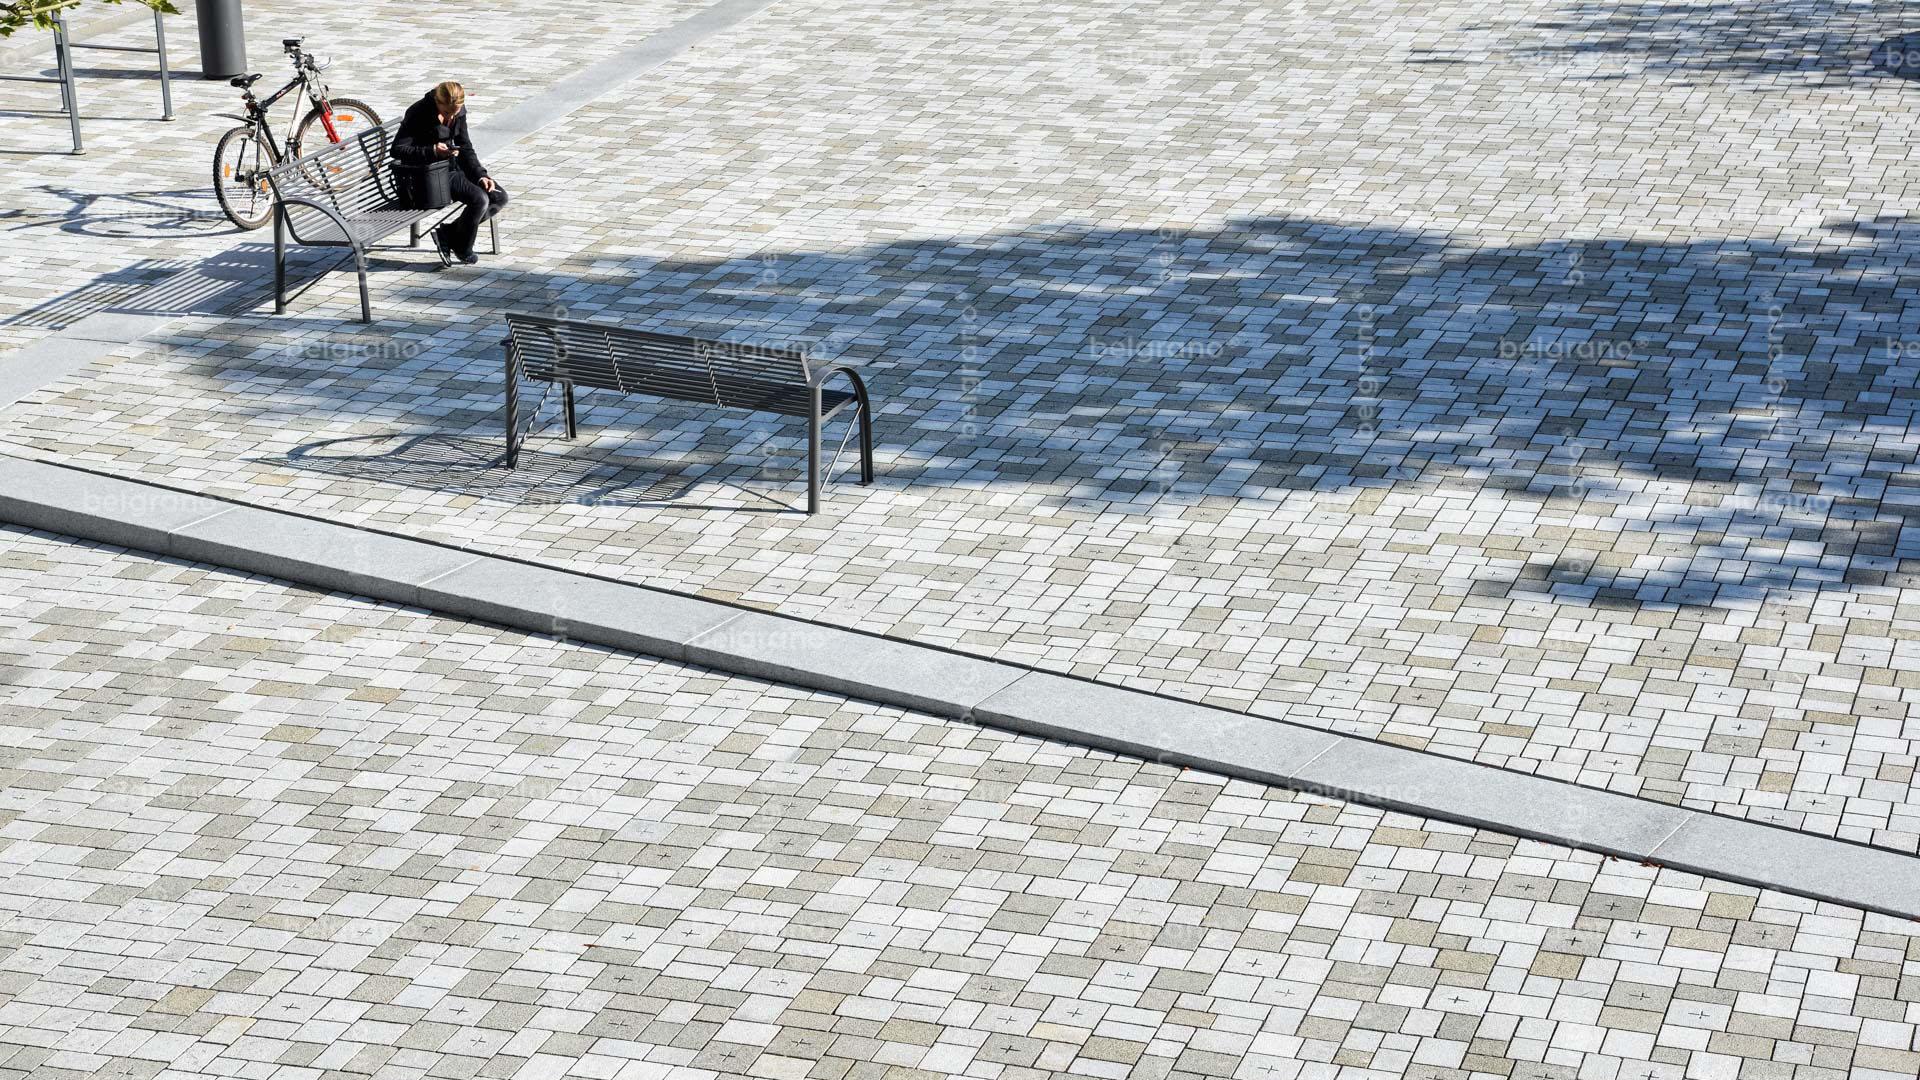 Viehmarkt in Hammelburg mit mehrfarbigen gravierten belgrano® Naturstein Pflastersteinen aus Granit